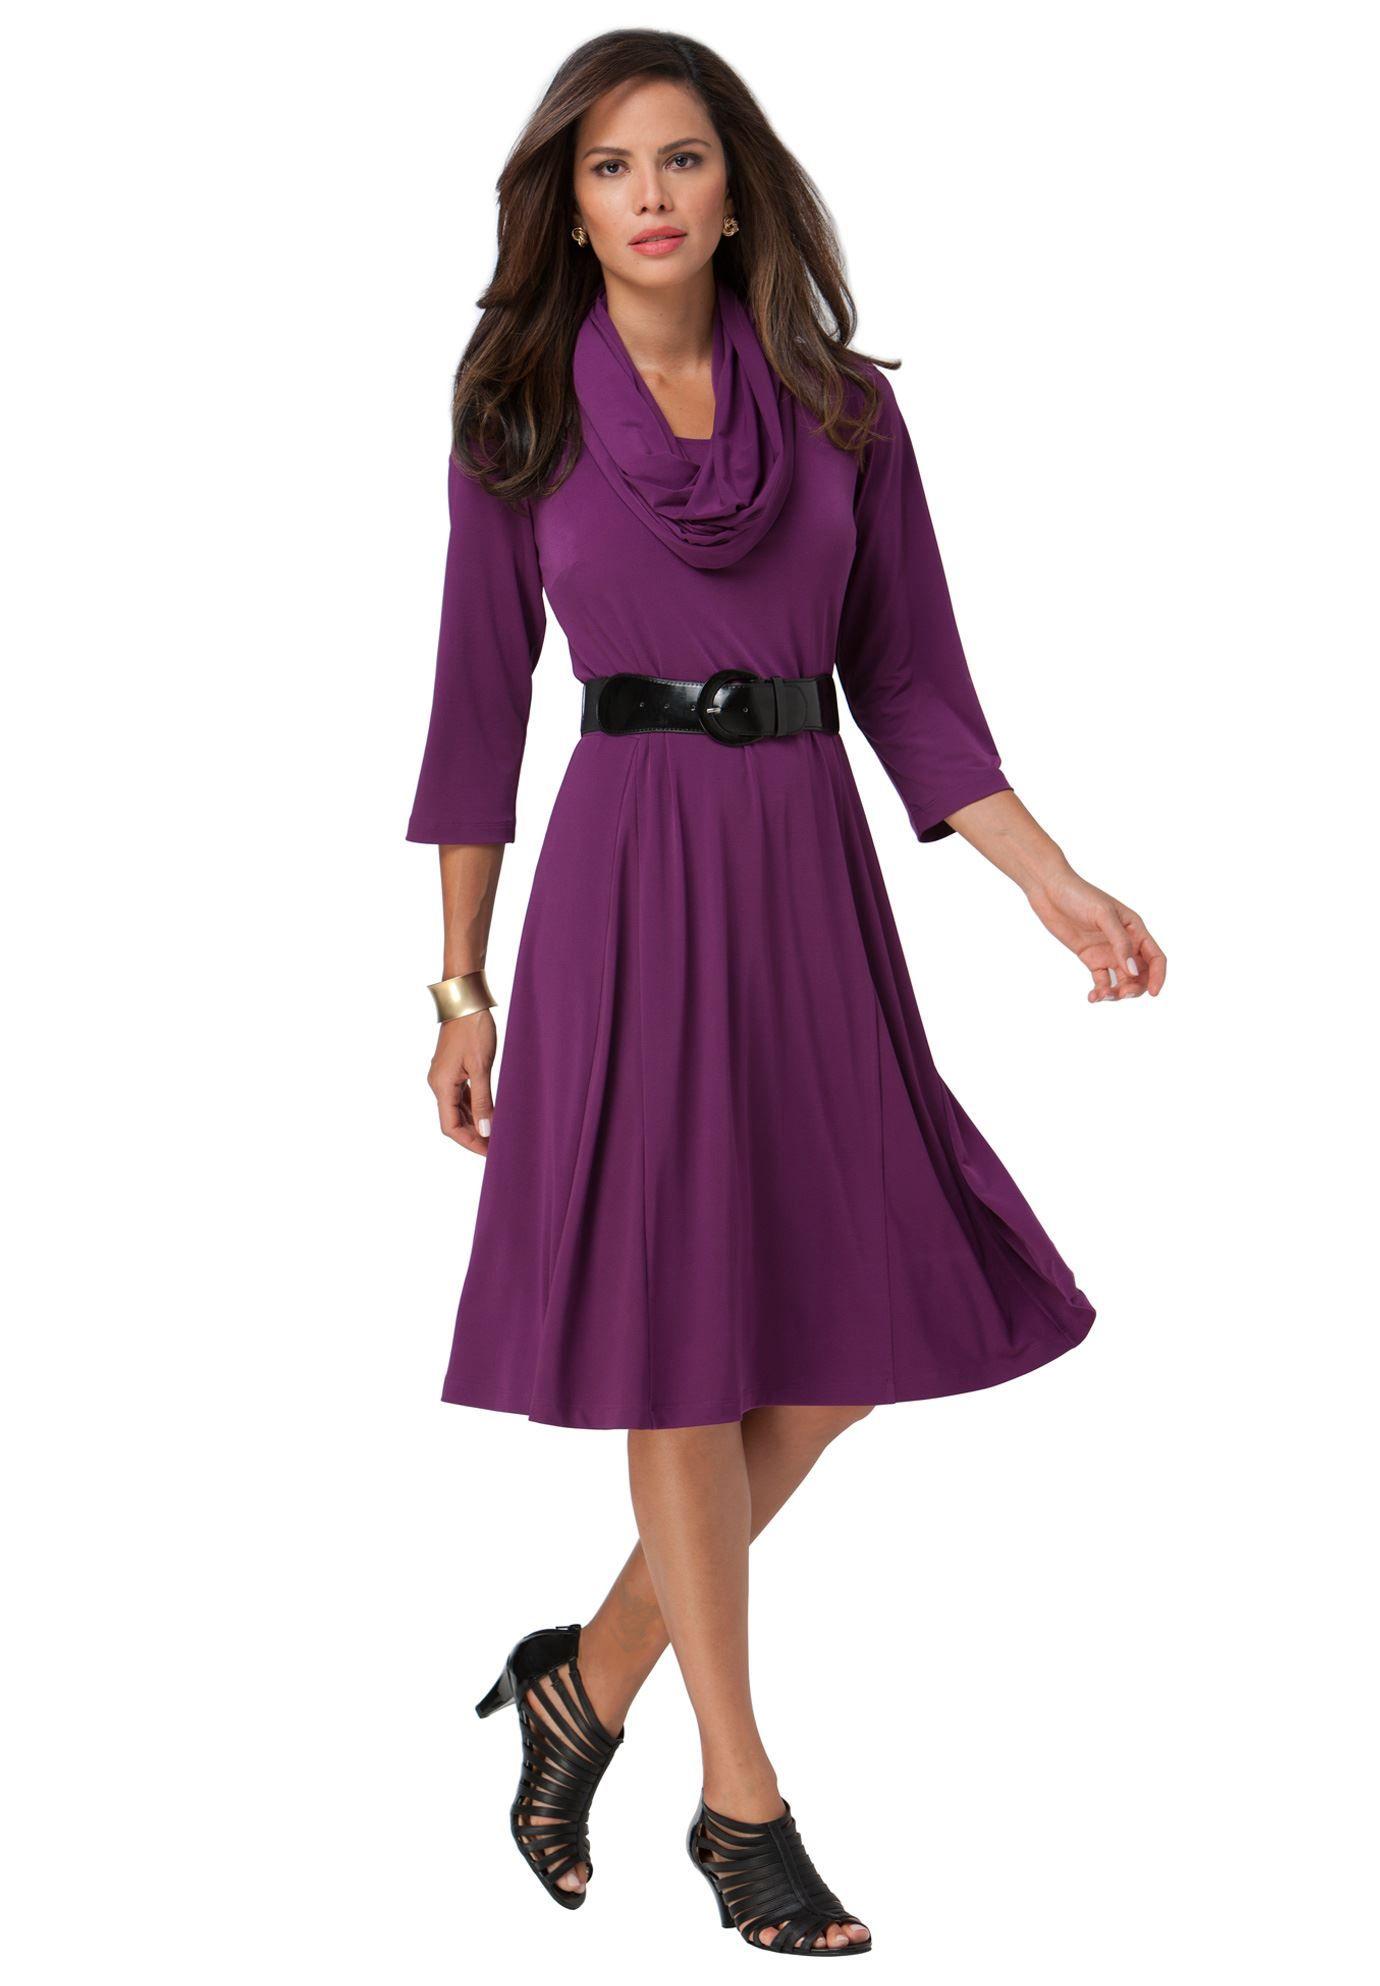 Plus Size 3-pc. Scarf Dress | Fullbeauty & Avenue finds | Pinterest